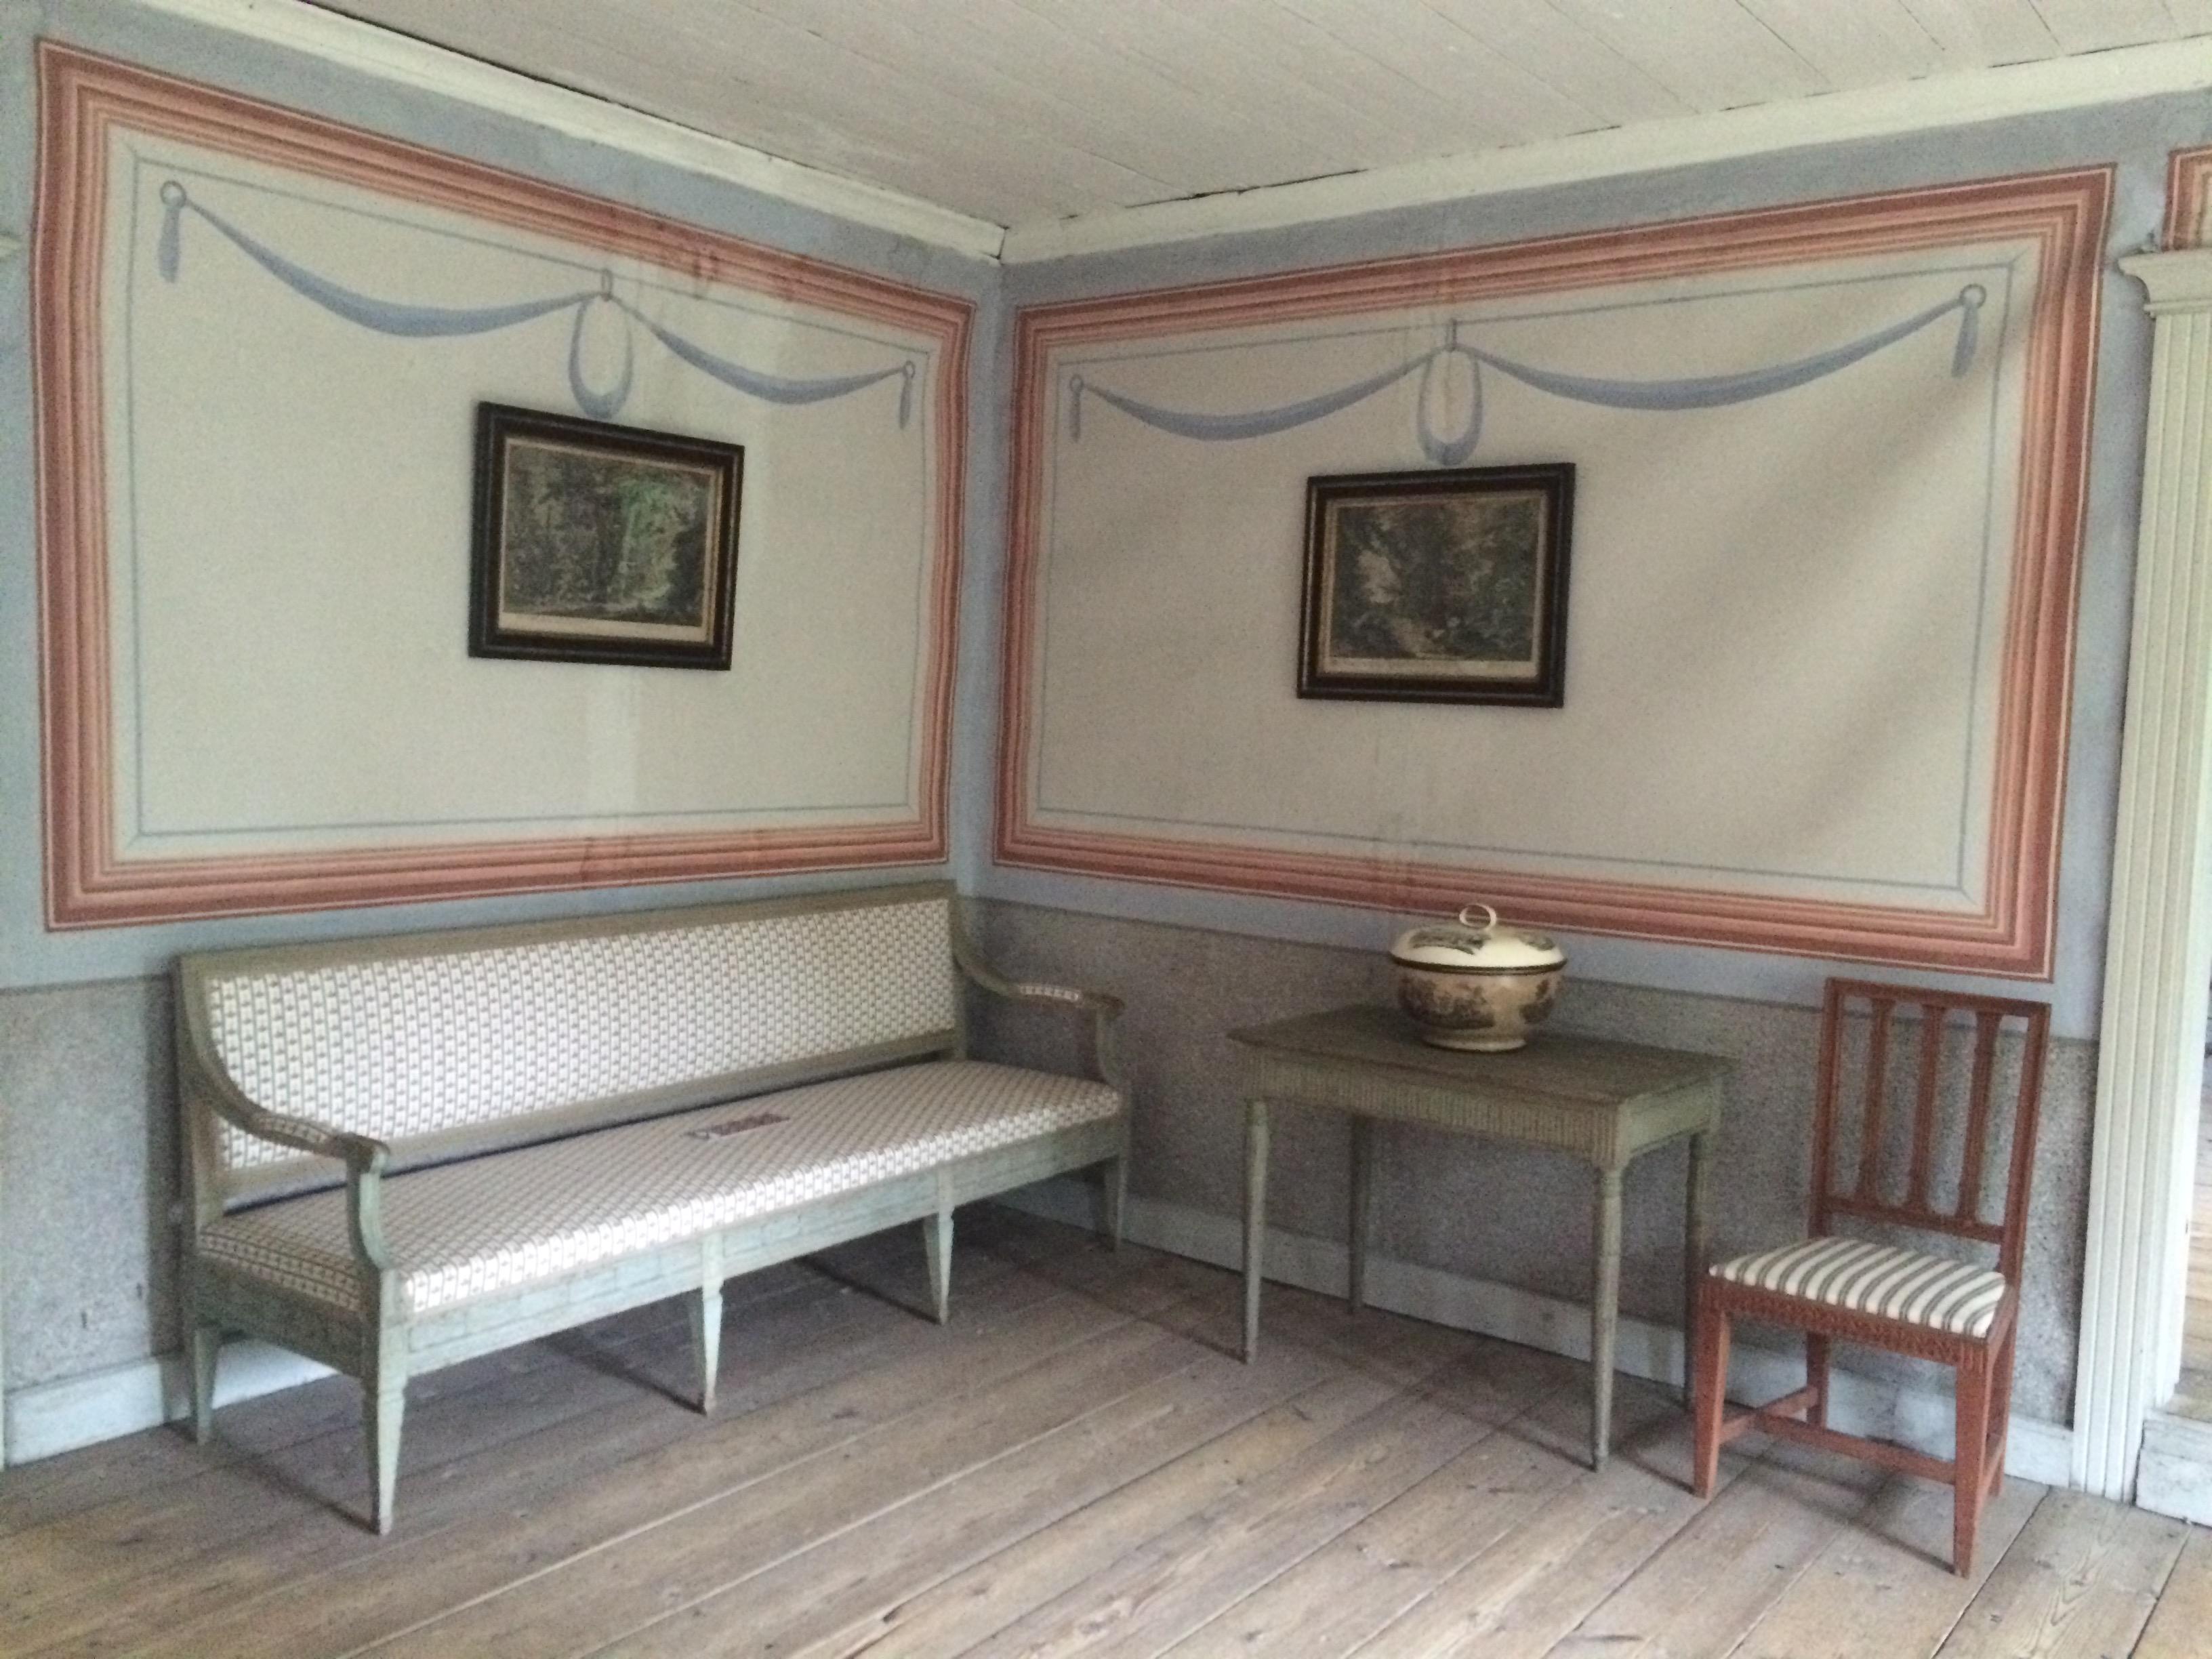 Estancia de una casa de finales del siglo XVIII con papel pintado decorando sus paredes.